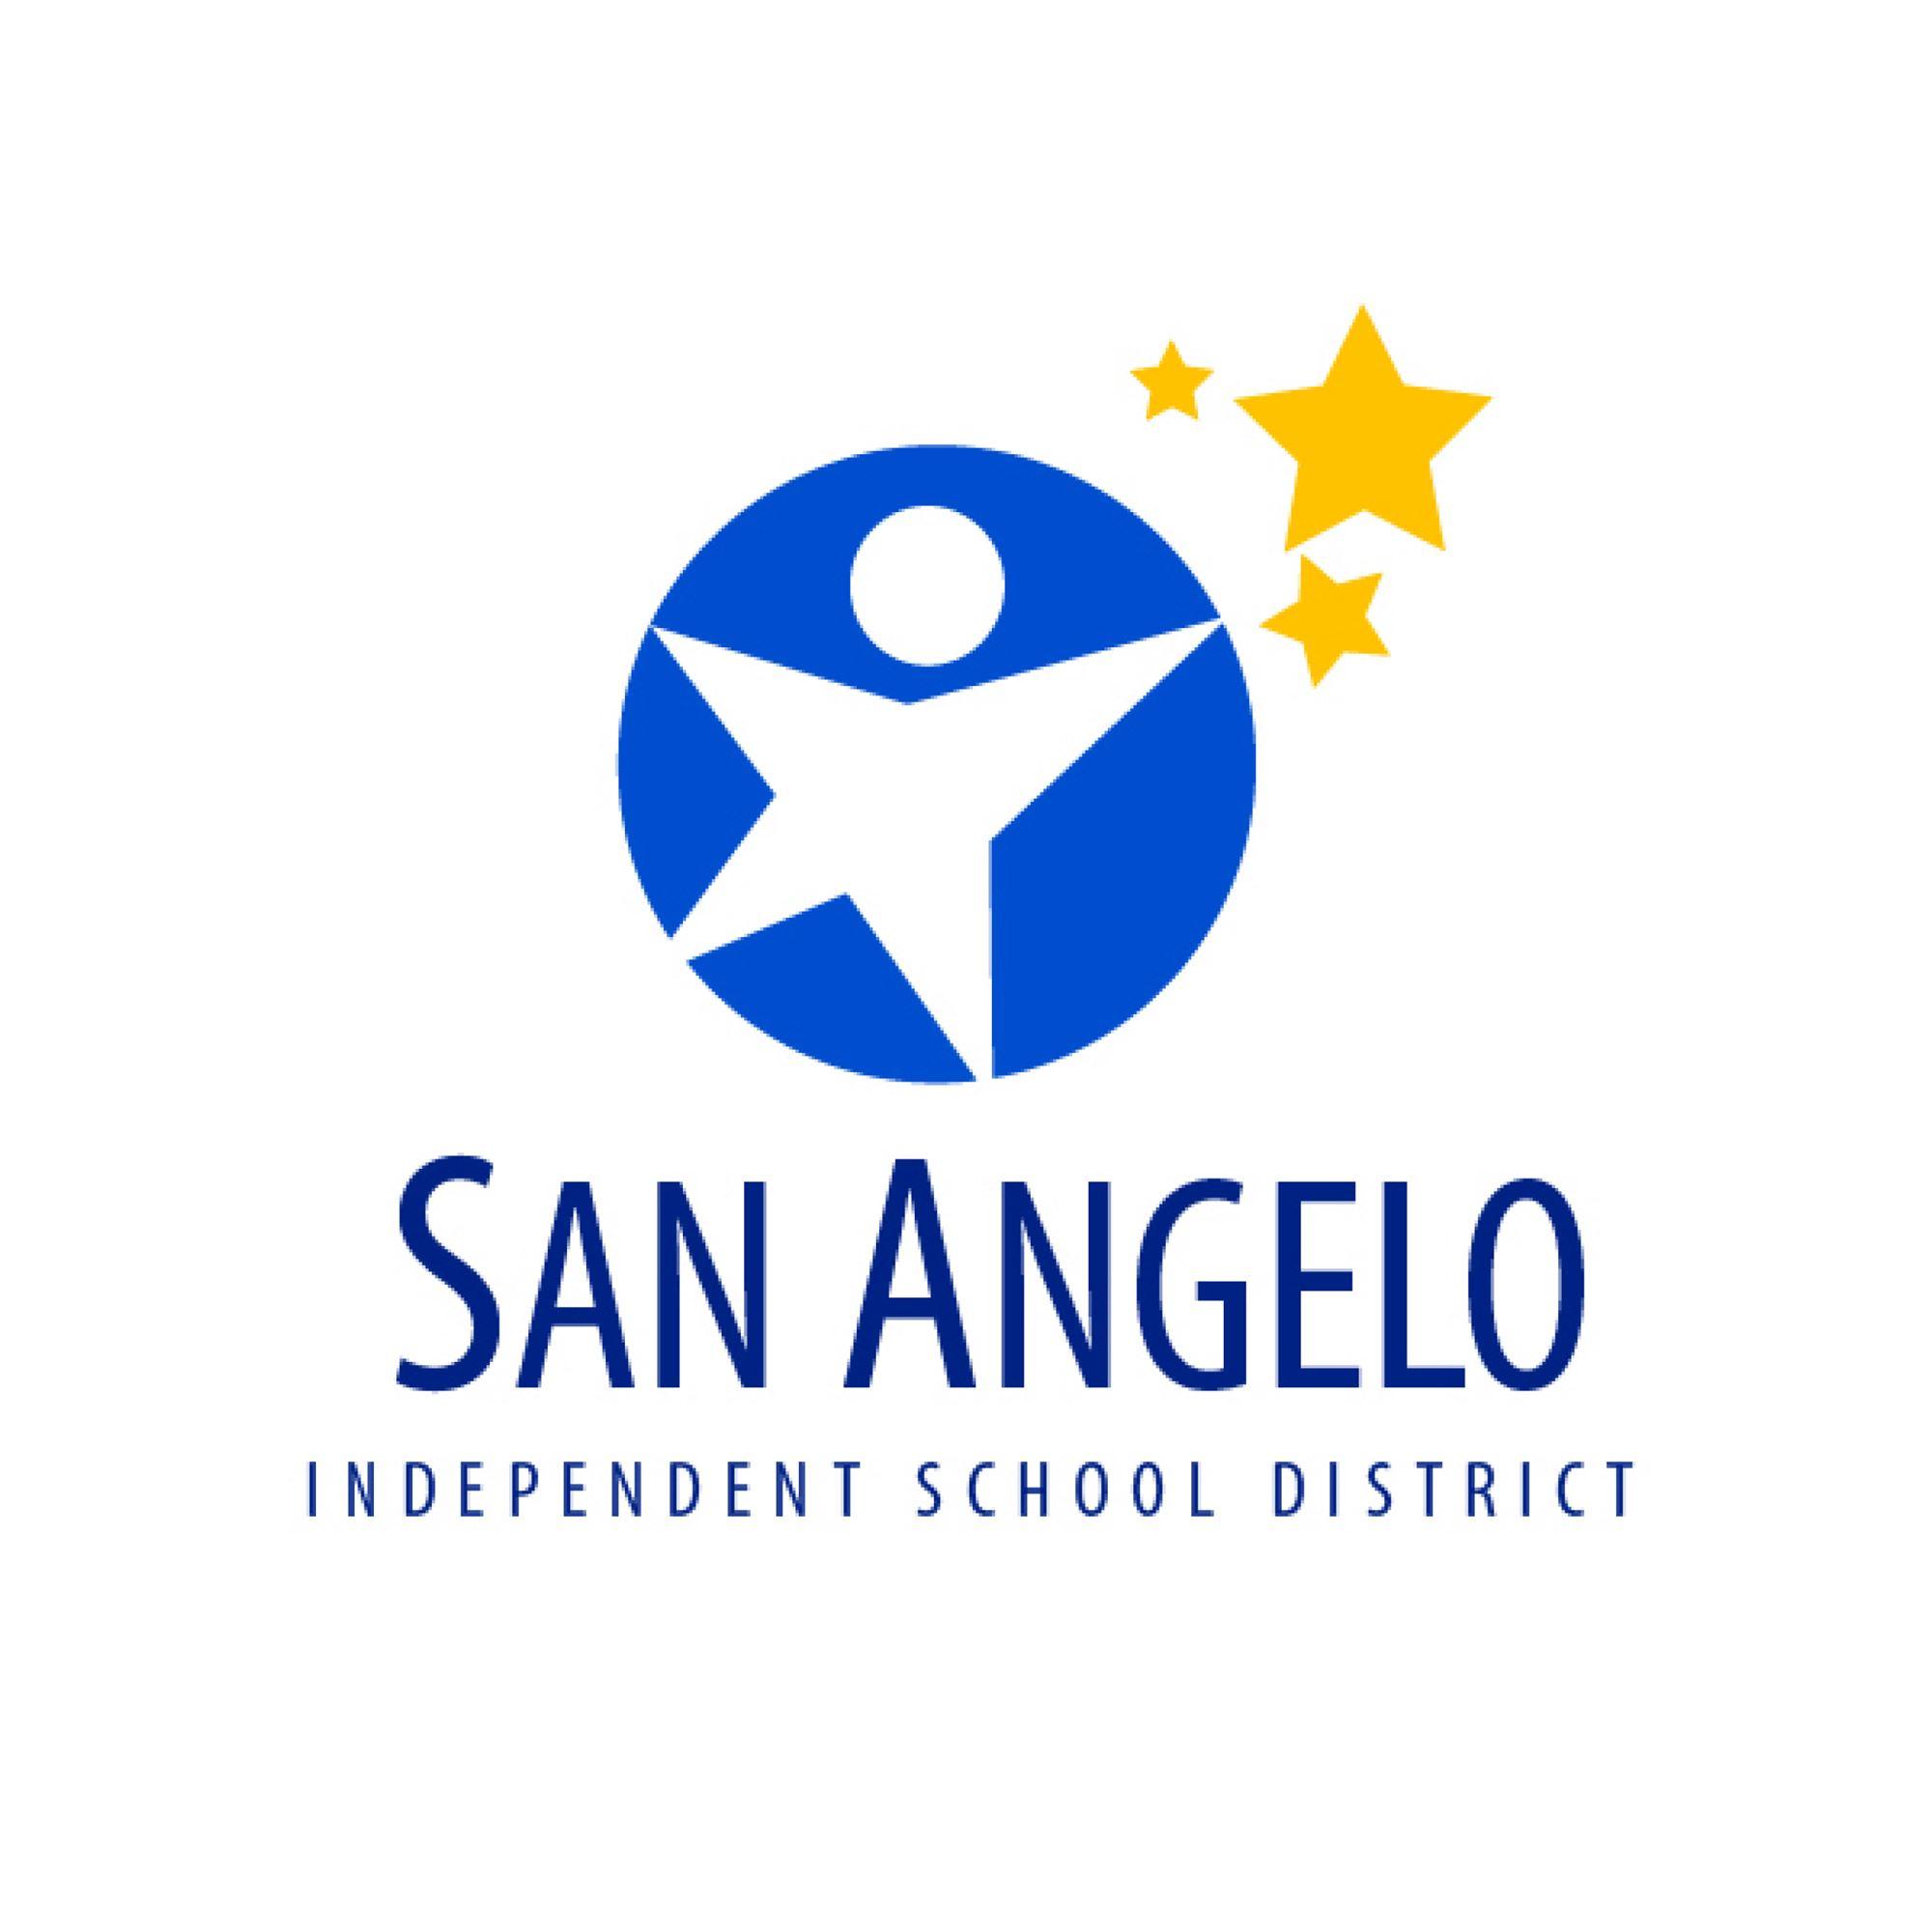 San Angelo Independent School District